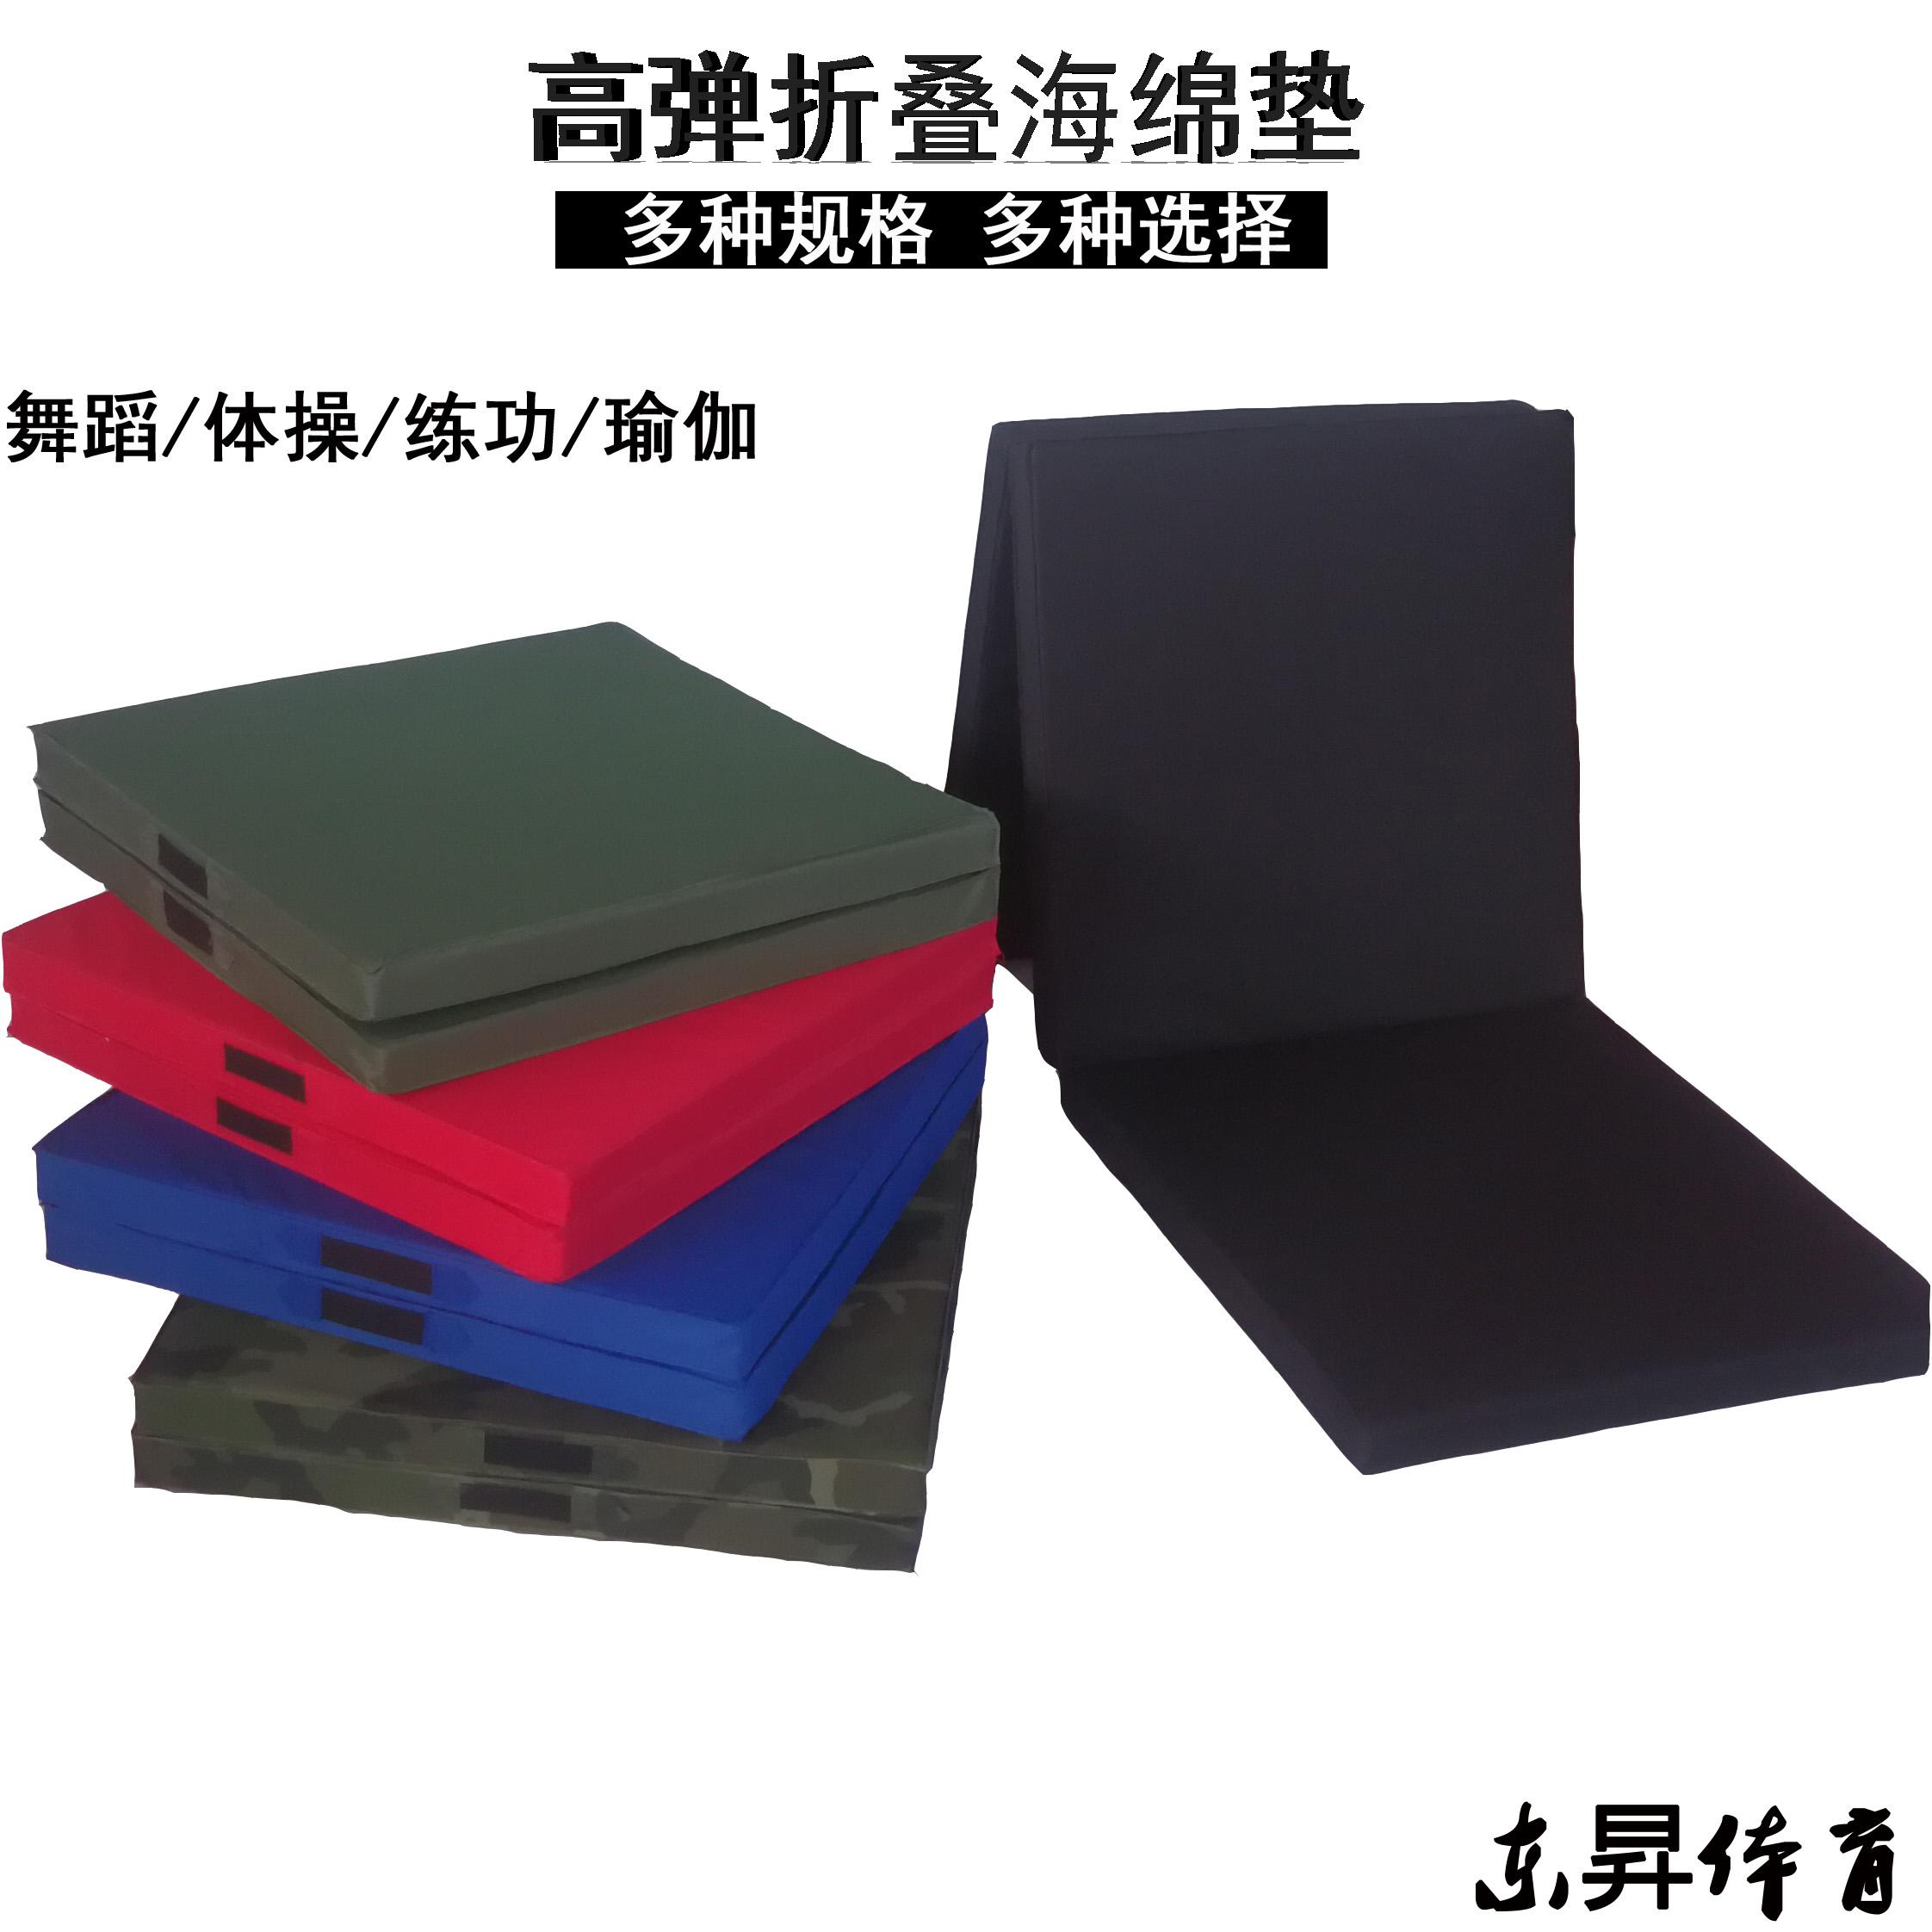 折叠体操垫舞蹈垫仰卧起坐海绵垫子练功学校体育用品运动垫子包邮